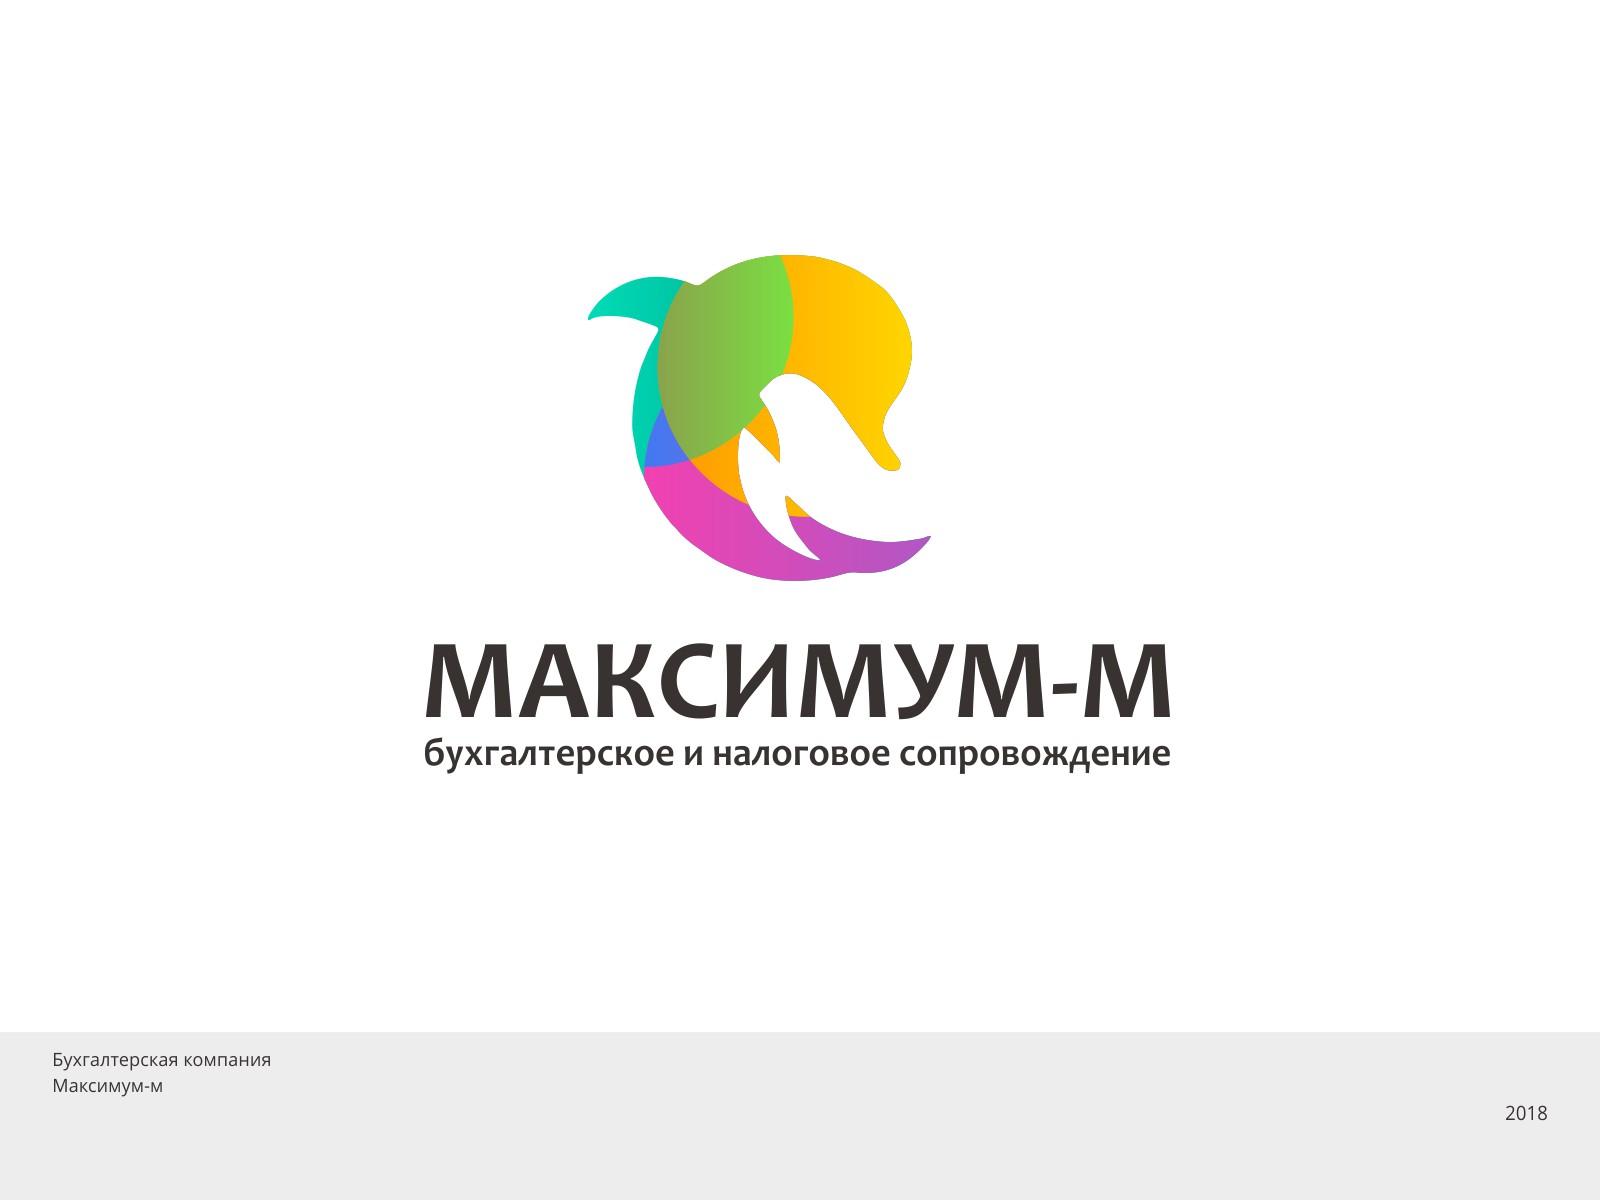 Логотип Максимум-М